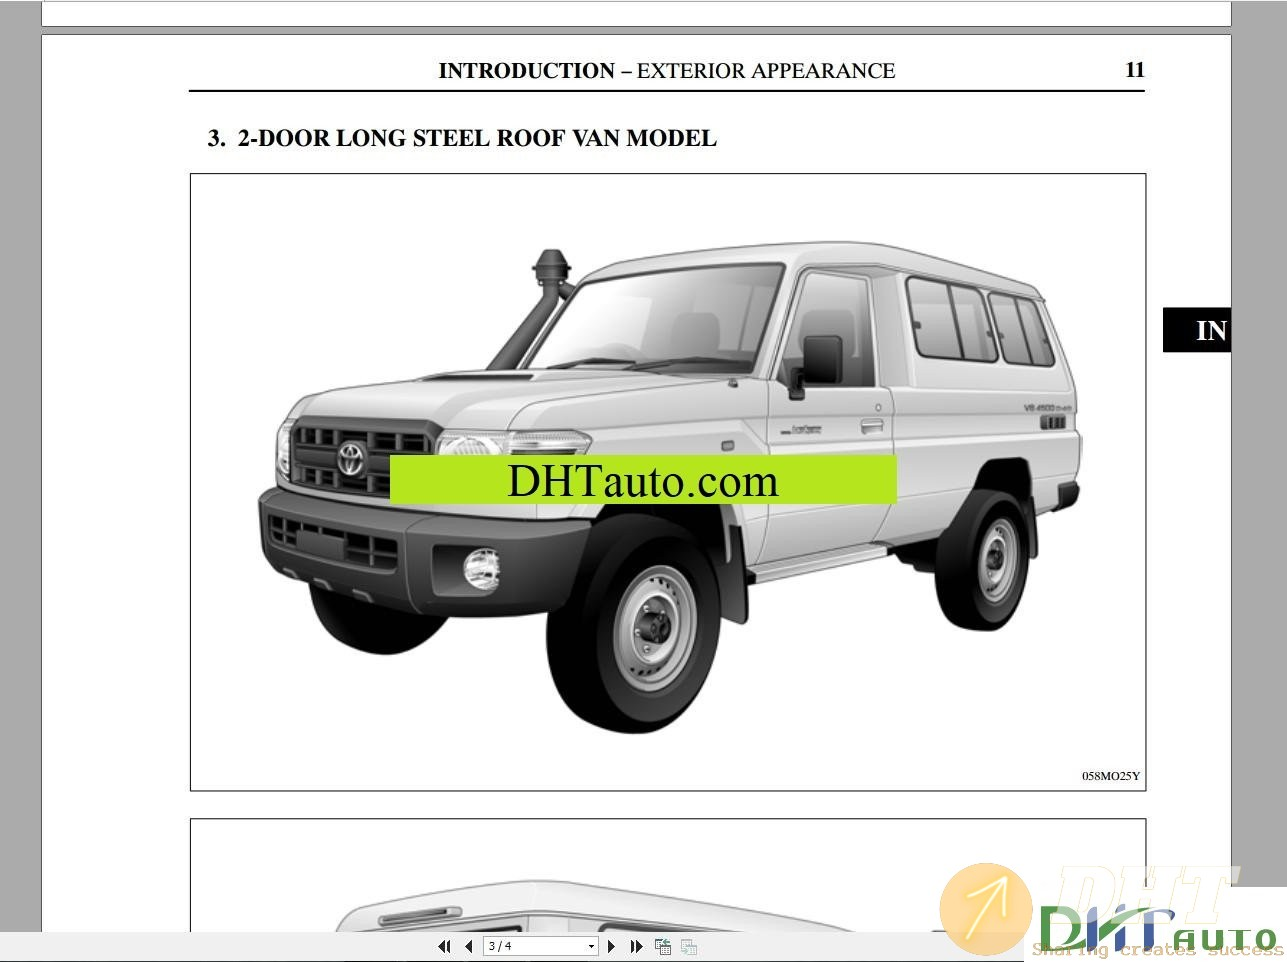 Toyota-Landcruiser-70-series-GISC-1984-2016 4.jpg